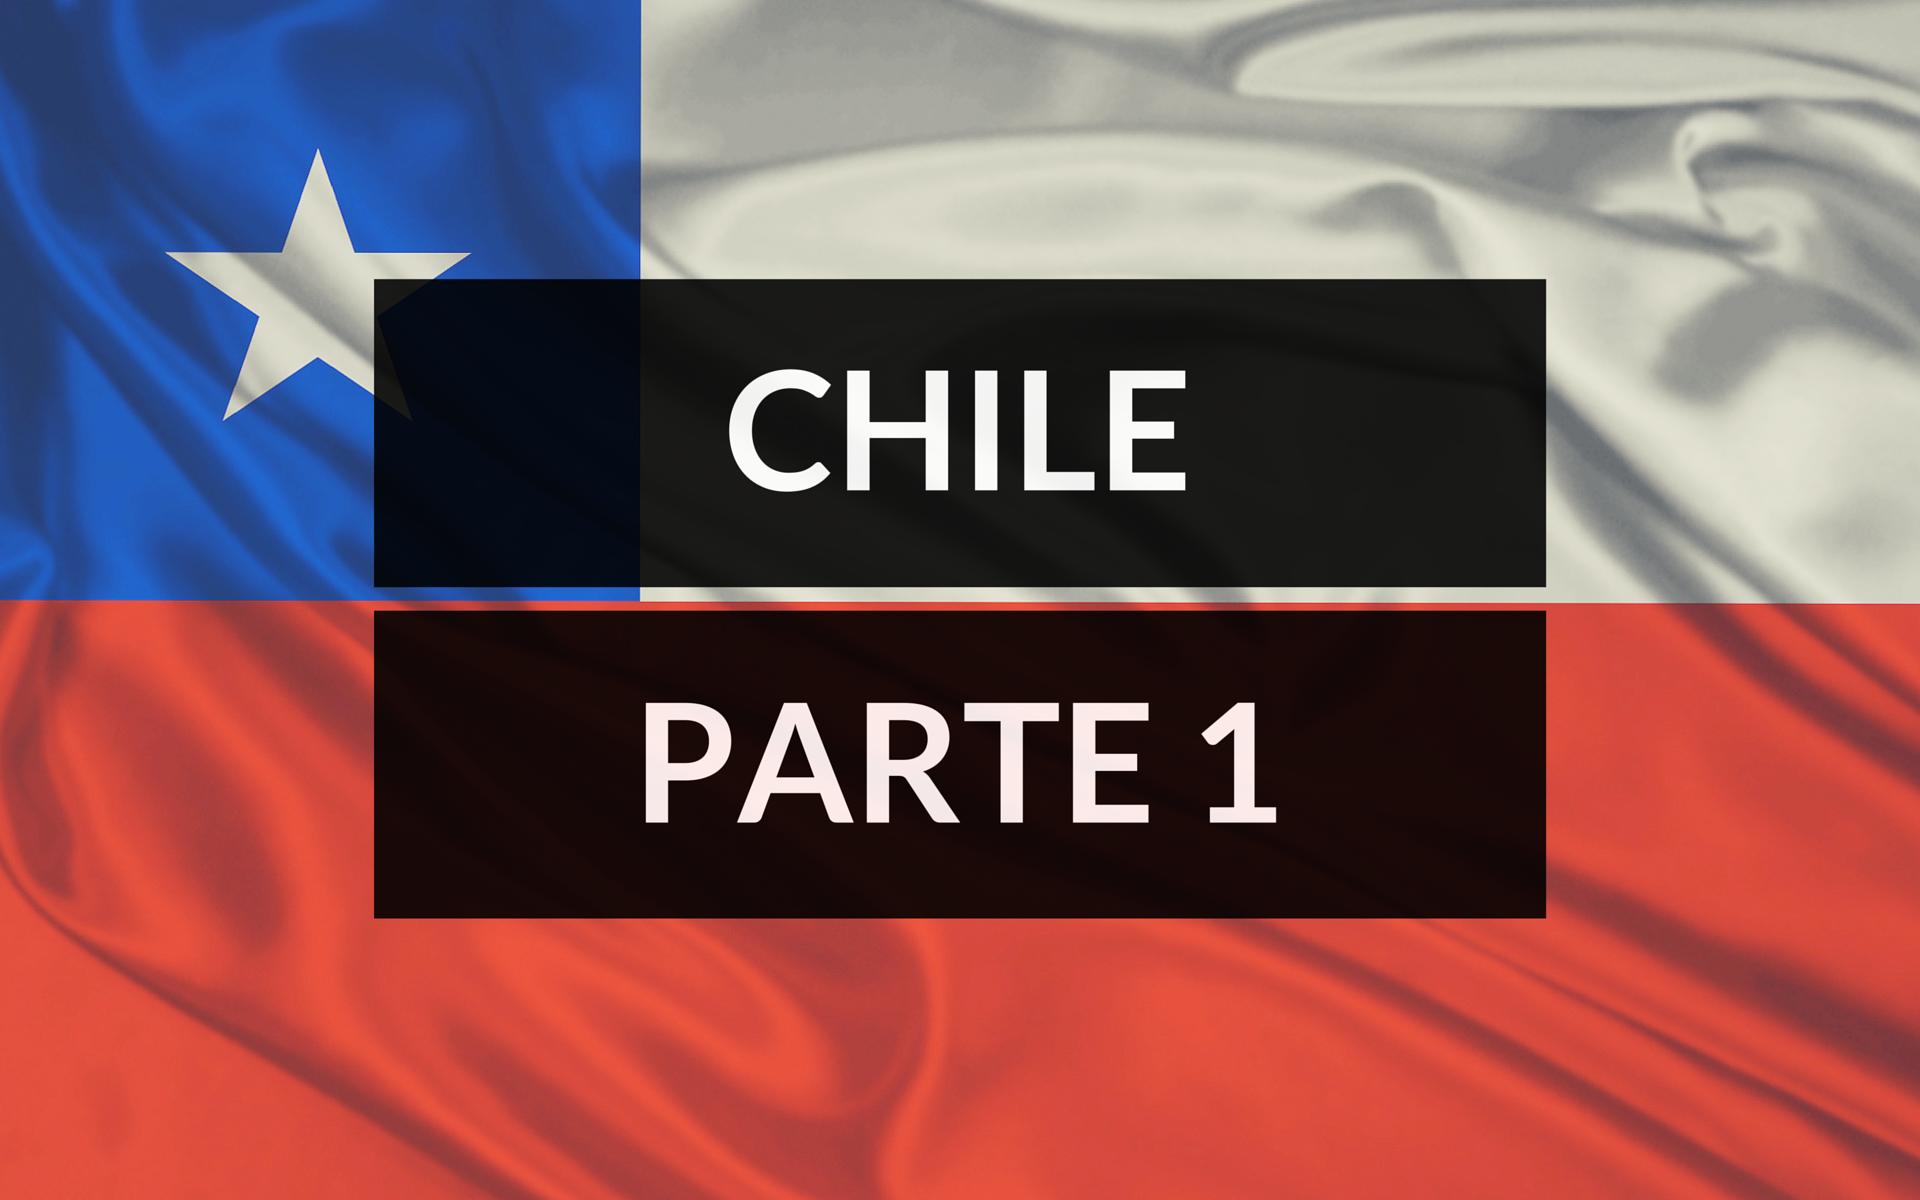 CHILE-PARTE-1 Turismo no Chile, o que fazer? (Dicas + ebook grátis)